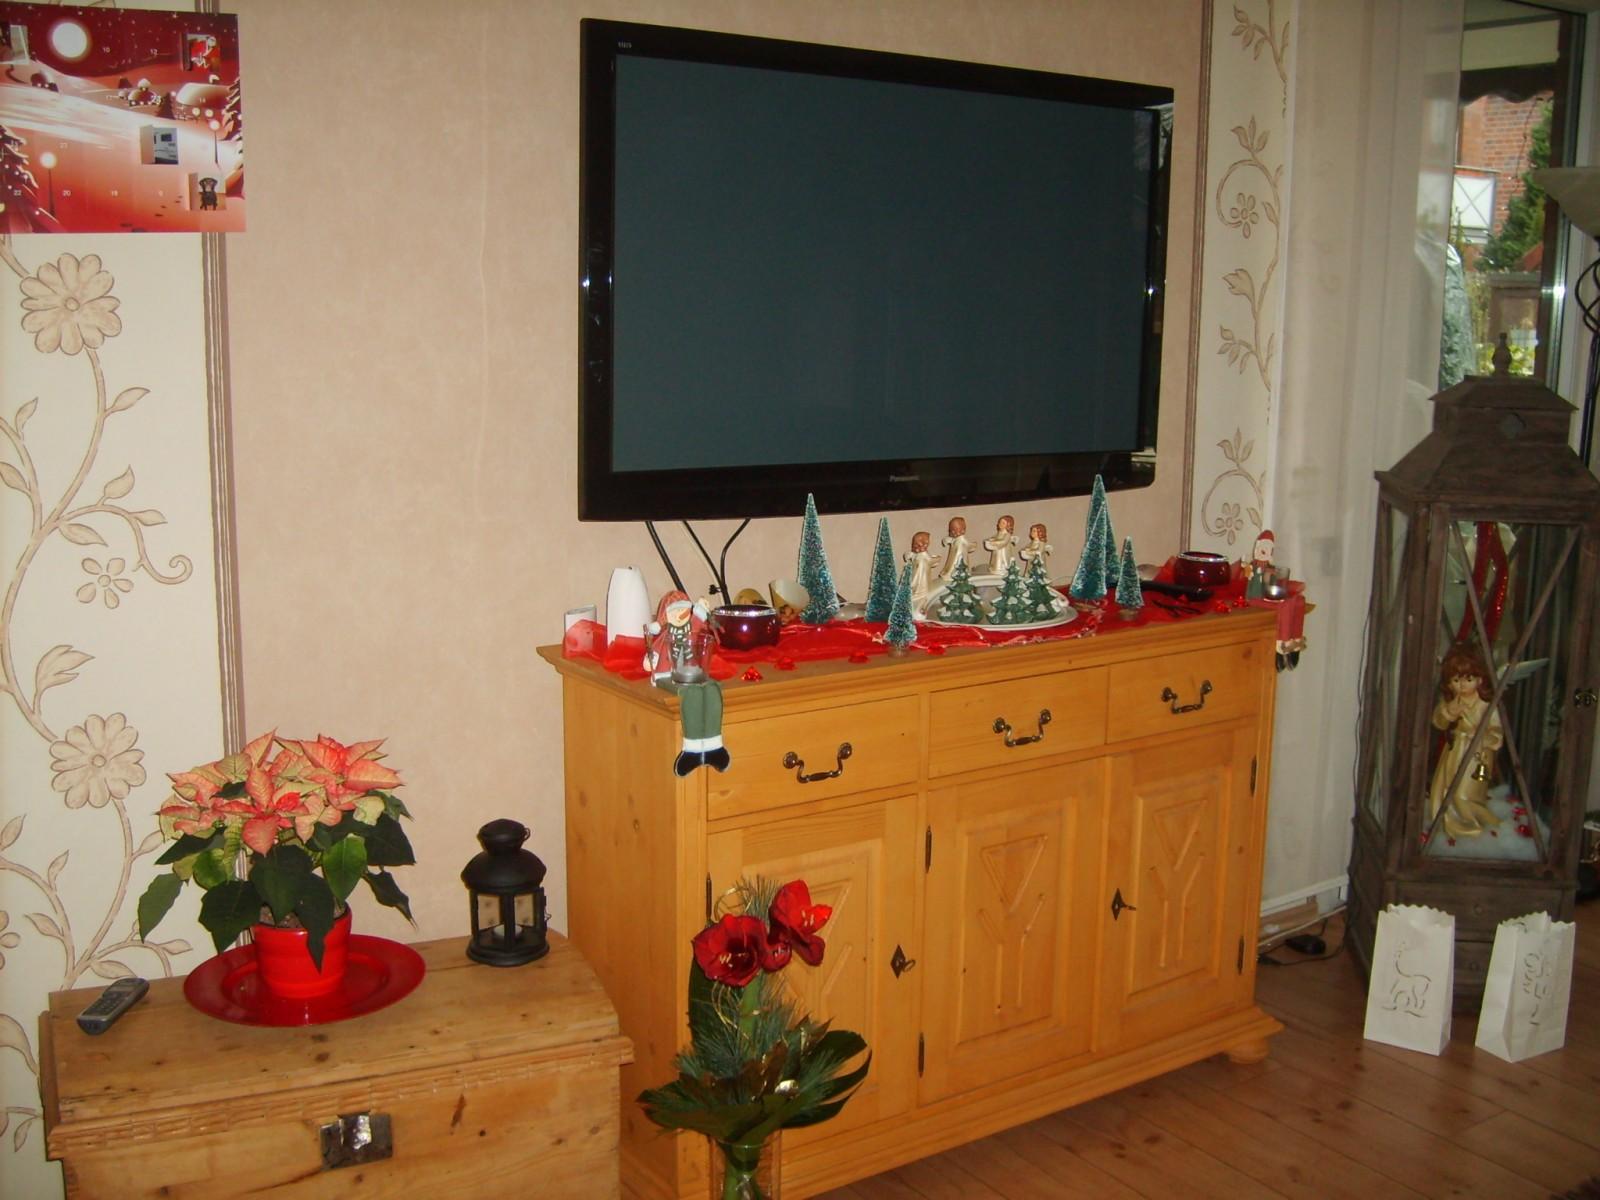 weihnachtsdeko 'mein wohnzimmer' - unsere wohlfühloase - zimmerschau